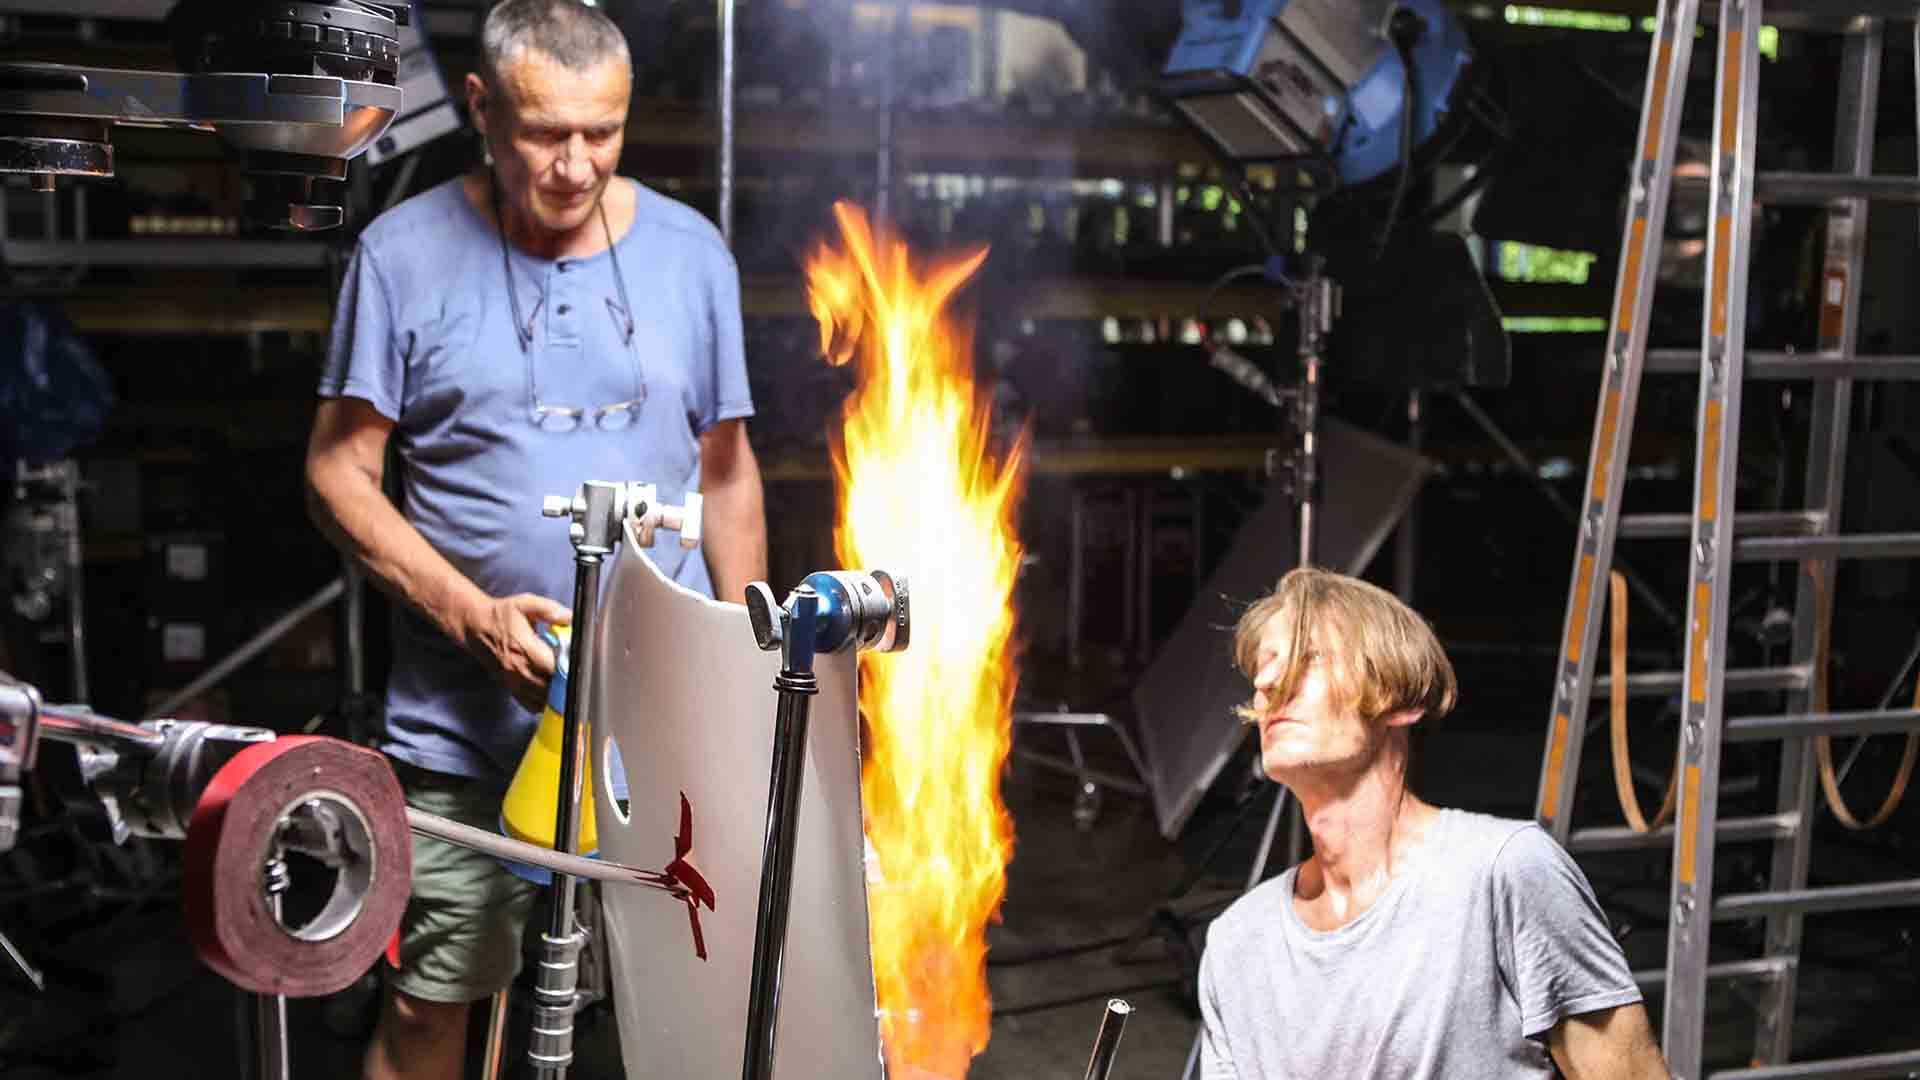 Das Bild zeigt zwei Männer, die sich vor einer Flamme befinden. Auf der linken Seite steht ein Mann vor der Flamme, auf der rechten Seite kniet ein Mann vor der Flamme. Vor der Flamme ist ein Banner angebracht. Das ganze befindet sich in einer Werkstatt. Das Bild dient als Sliderbild für den Portfolioeintrag BMW / MINI Engine Oil Highspeed von Panda Pictures.